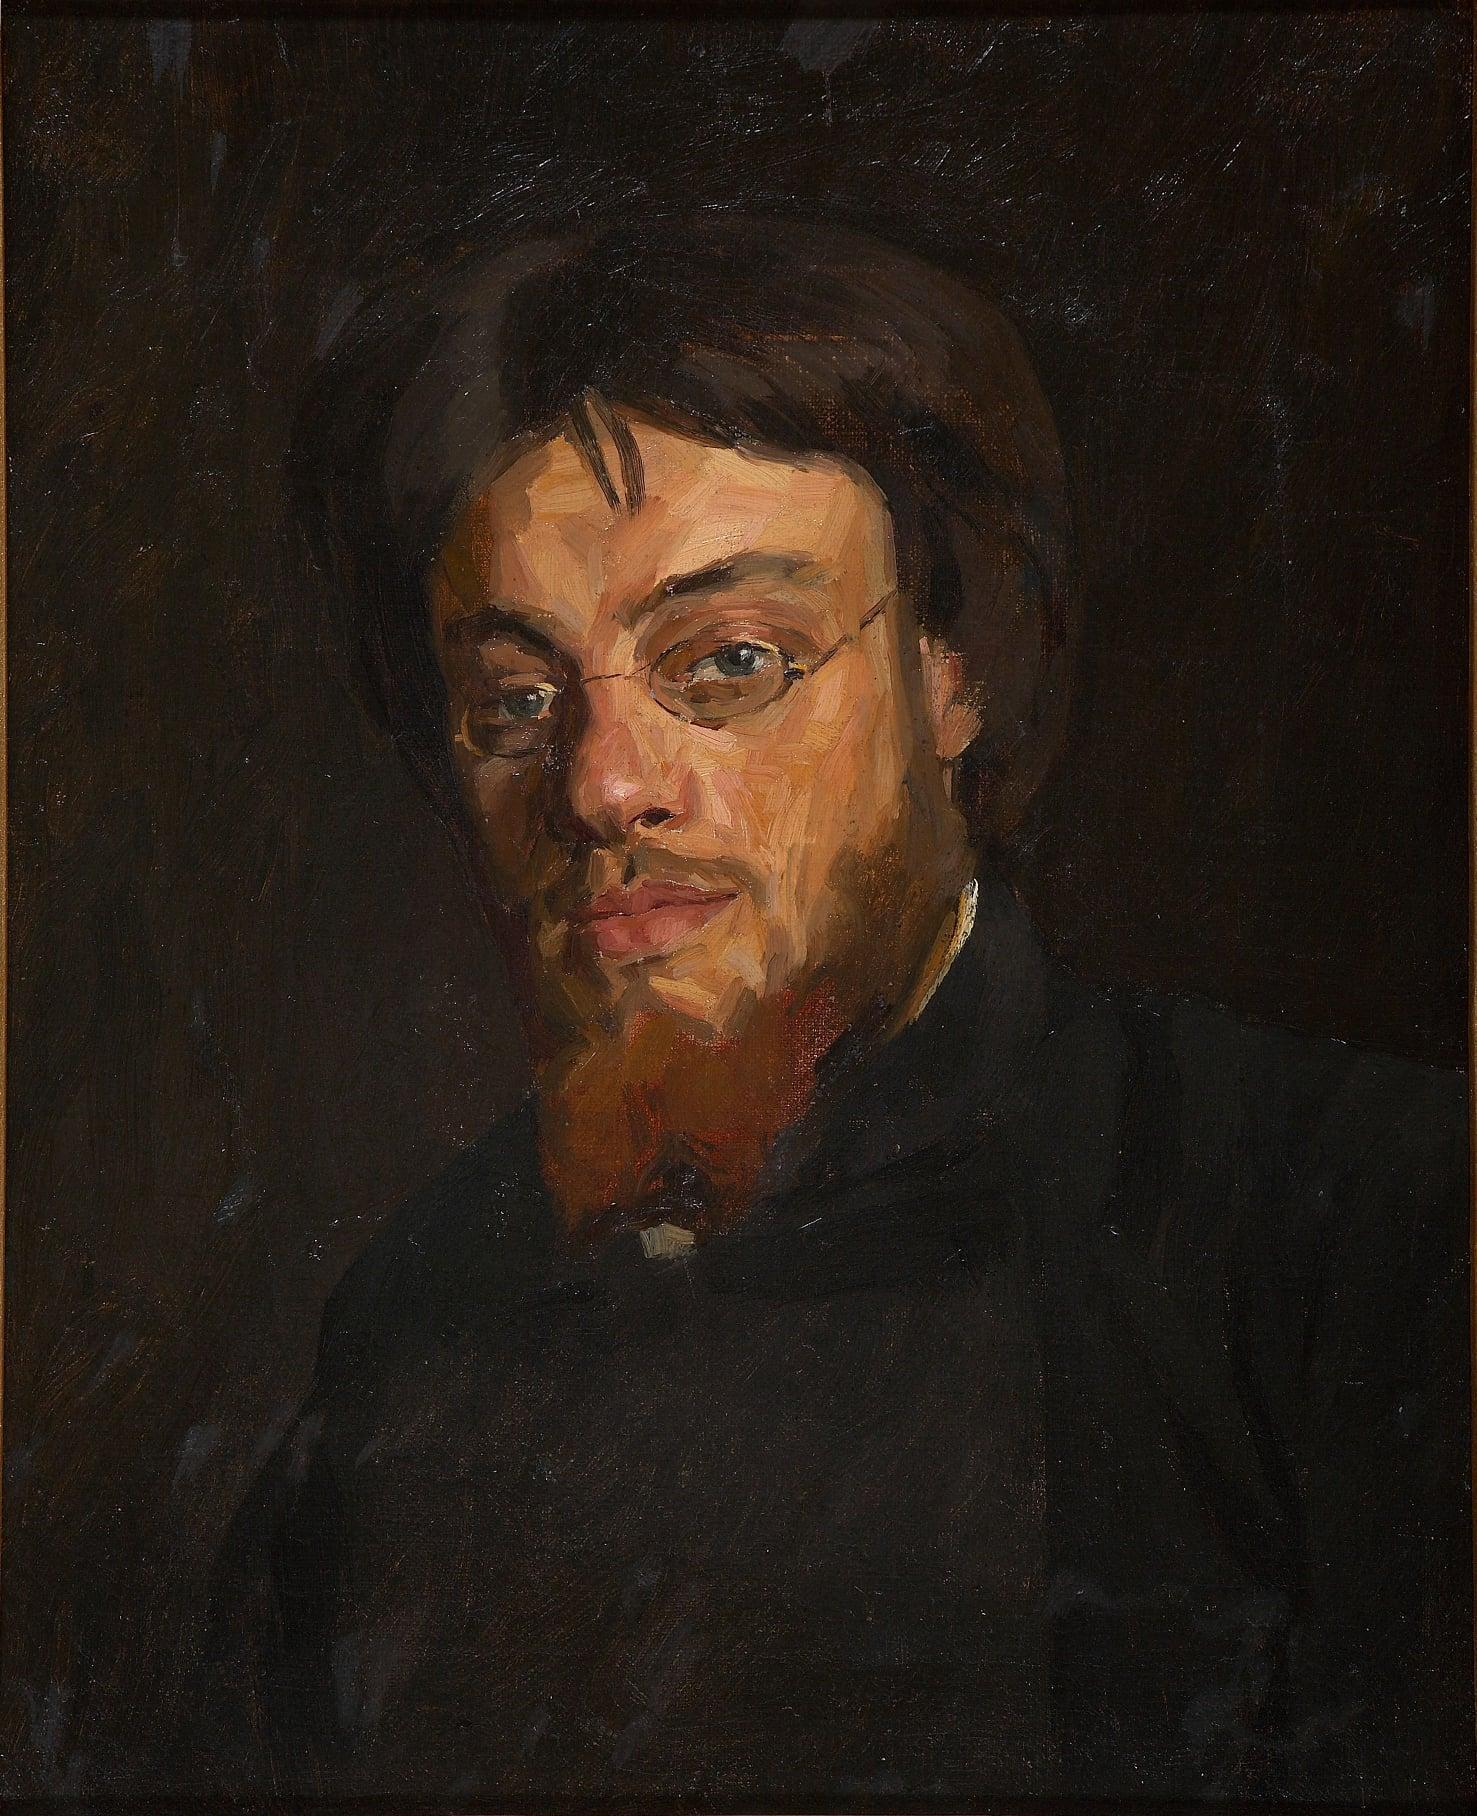 31 октября день памяти художника-передвижника Кориака Константиновича Костанди.